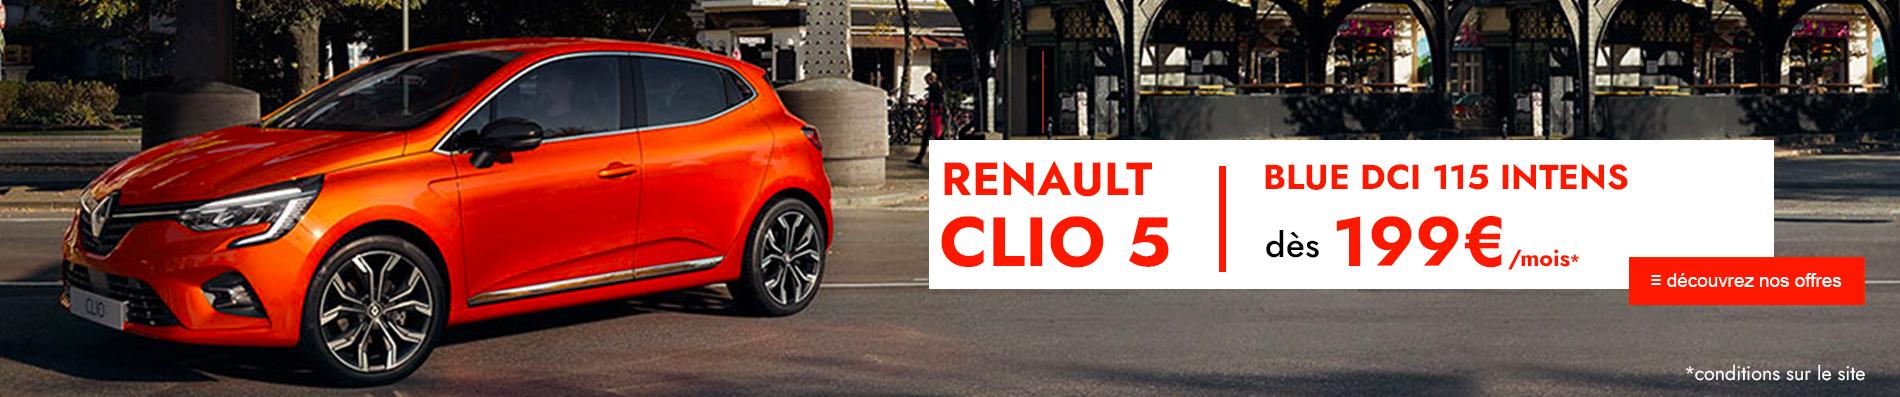 Clio5 2